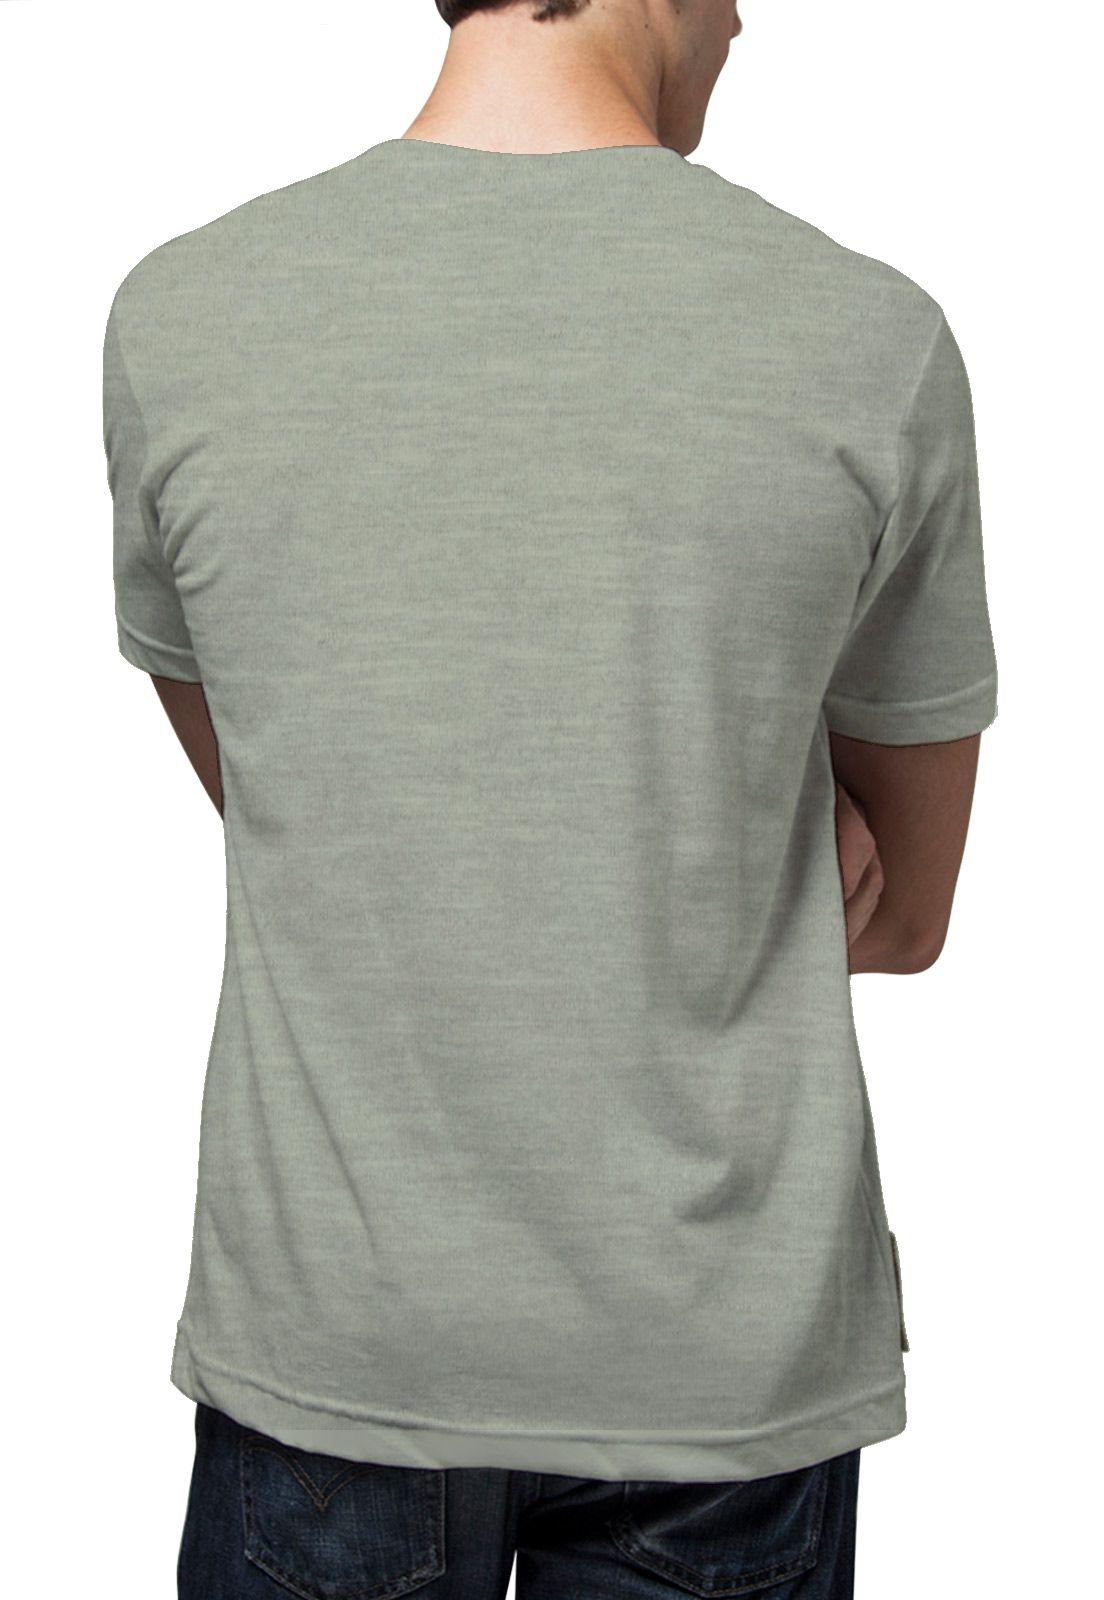 Camiseta Amazônia Eletrocardio - Mescla Verde